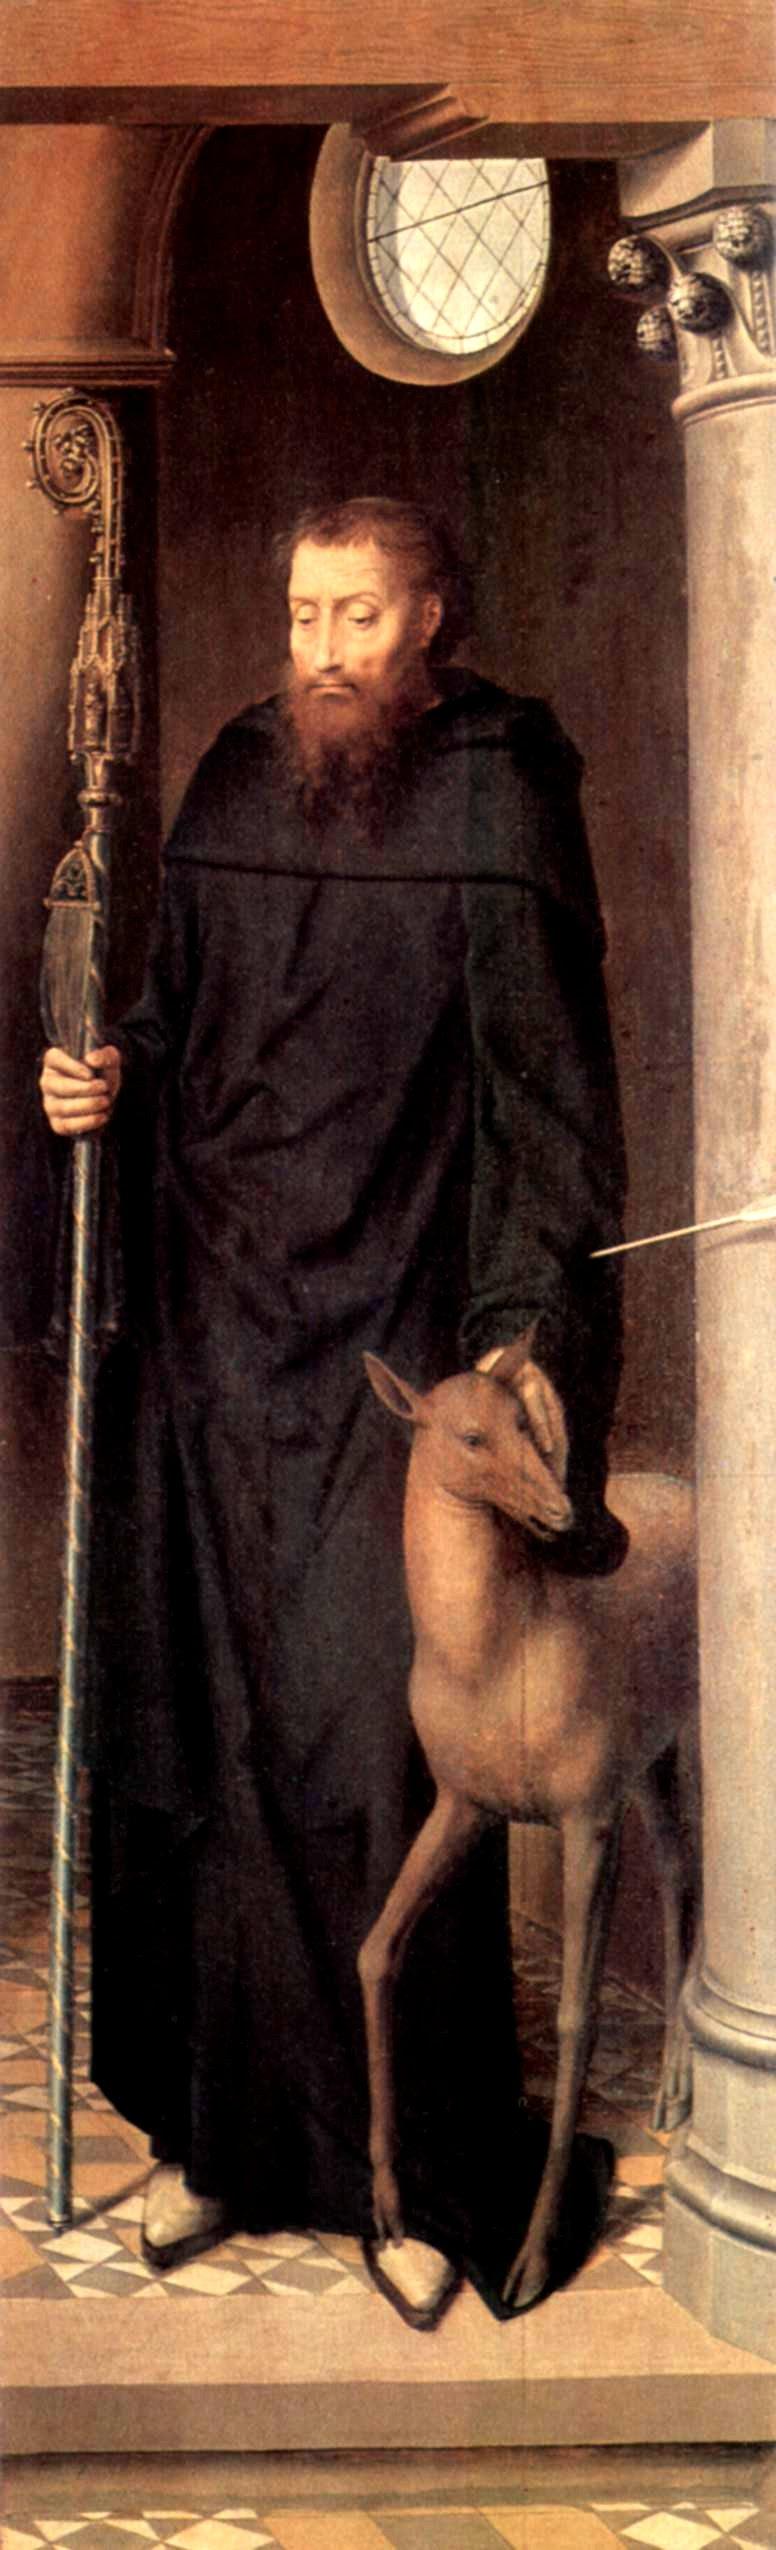 http://upload.wikimedia.org/wikipedia/commons/1/13/Hans_Memling_005.jpg